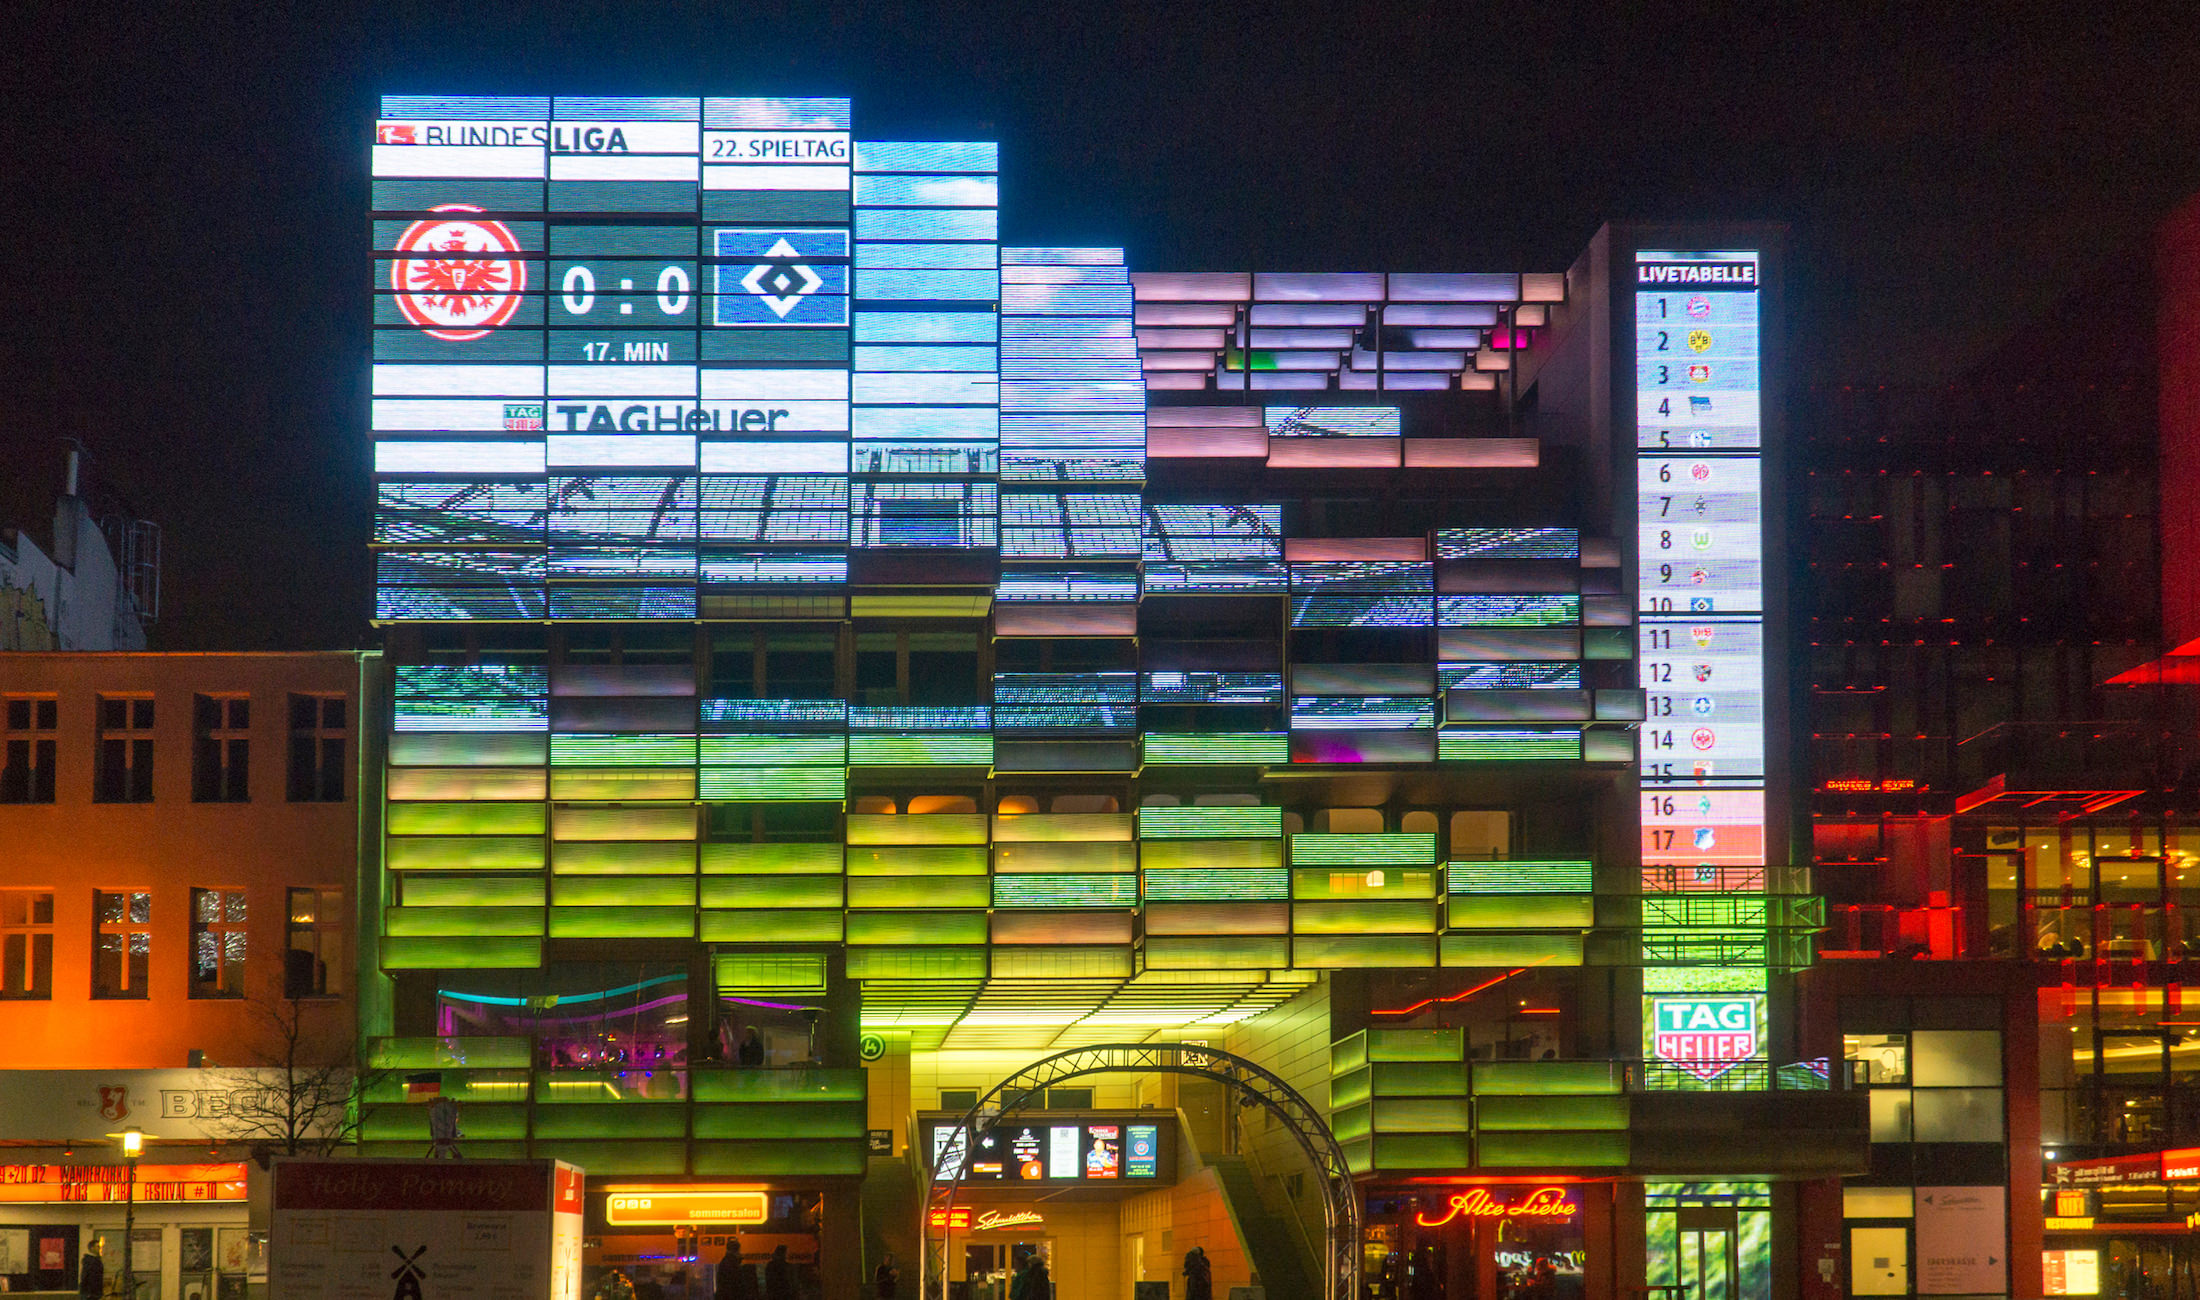 TAG Heuer auf der Medienfassade in Hamburg